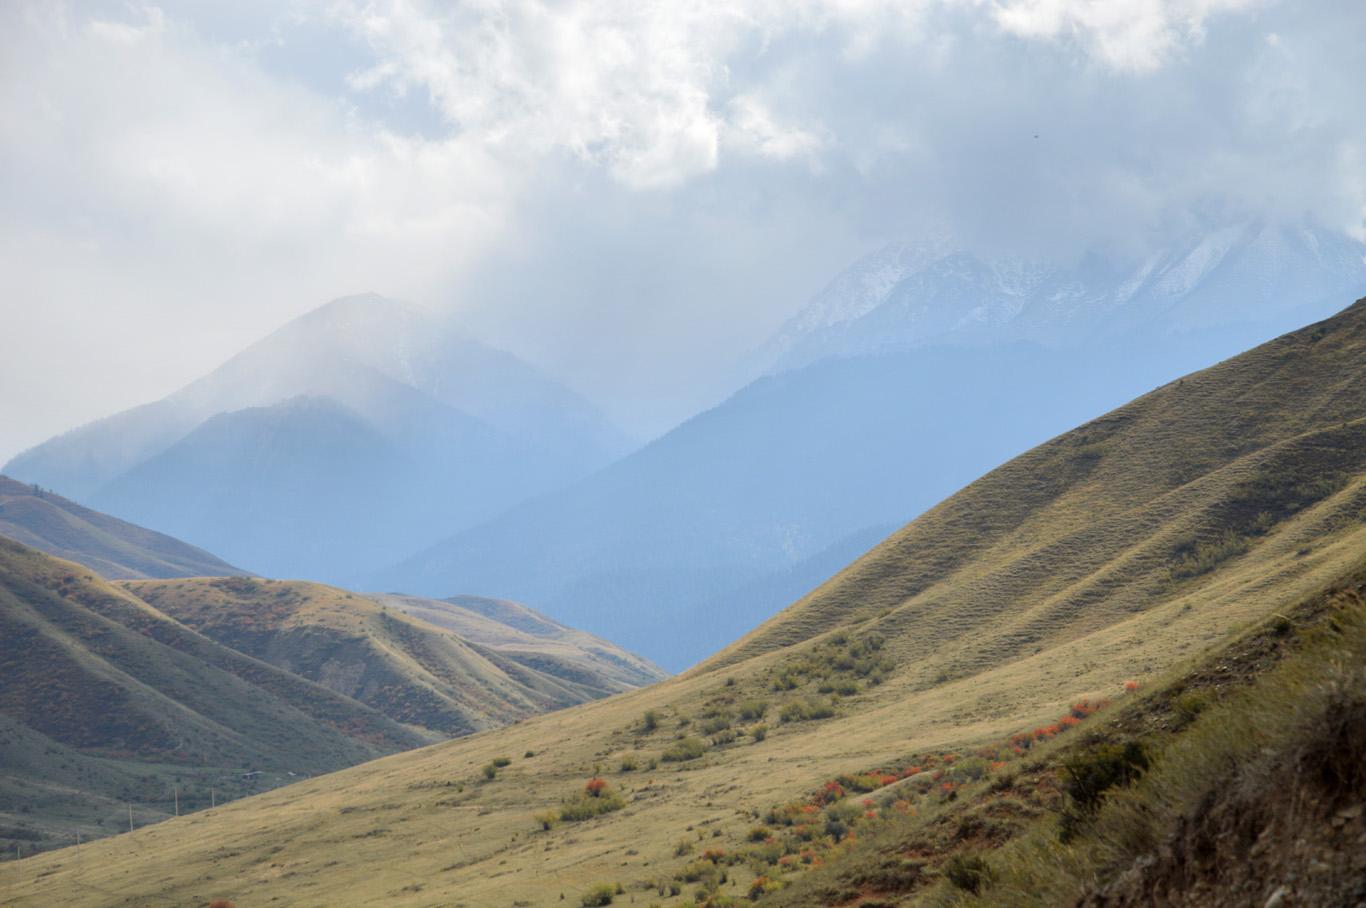 The mountains around Saty